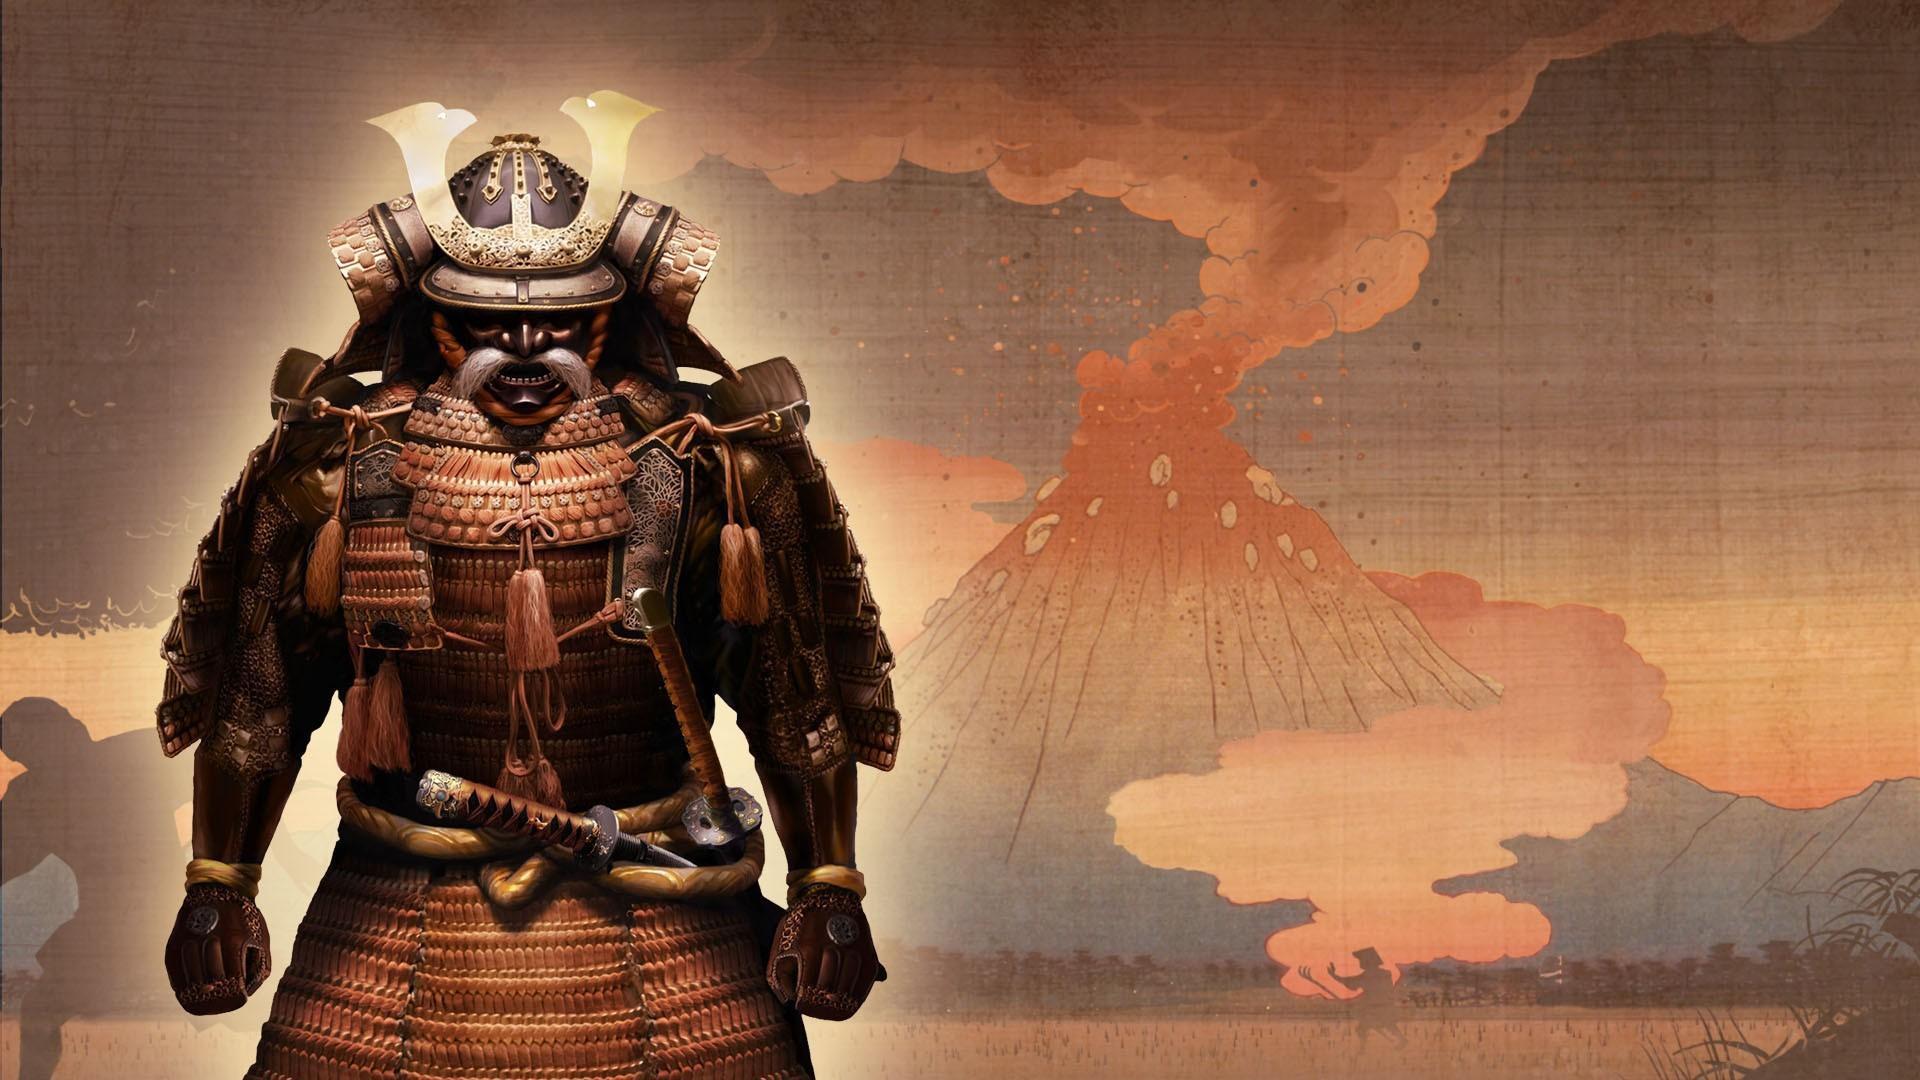 The Last Samurai Wallpaper 76 Images